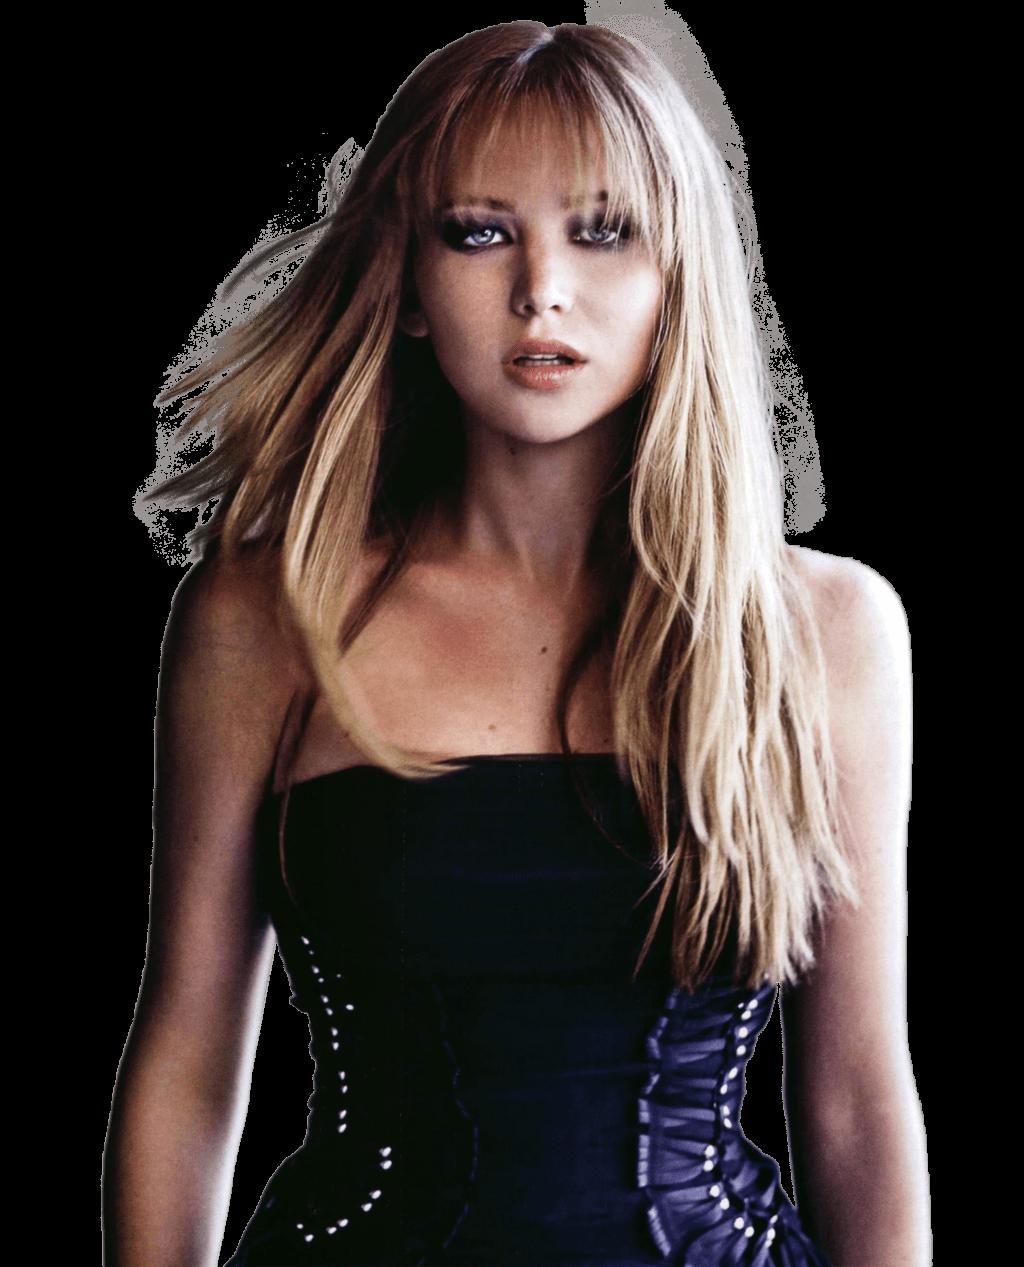 Jennifer Lawrence Make Up transparent PNG.